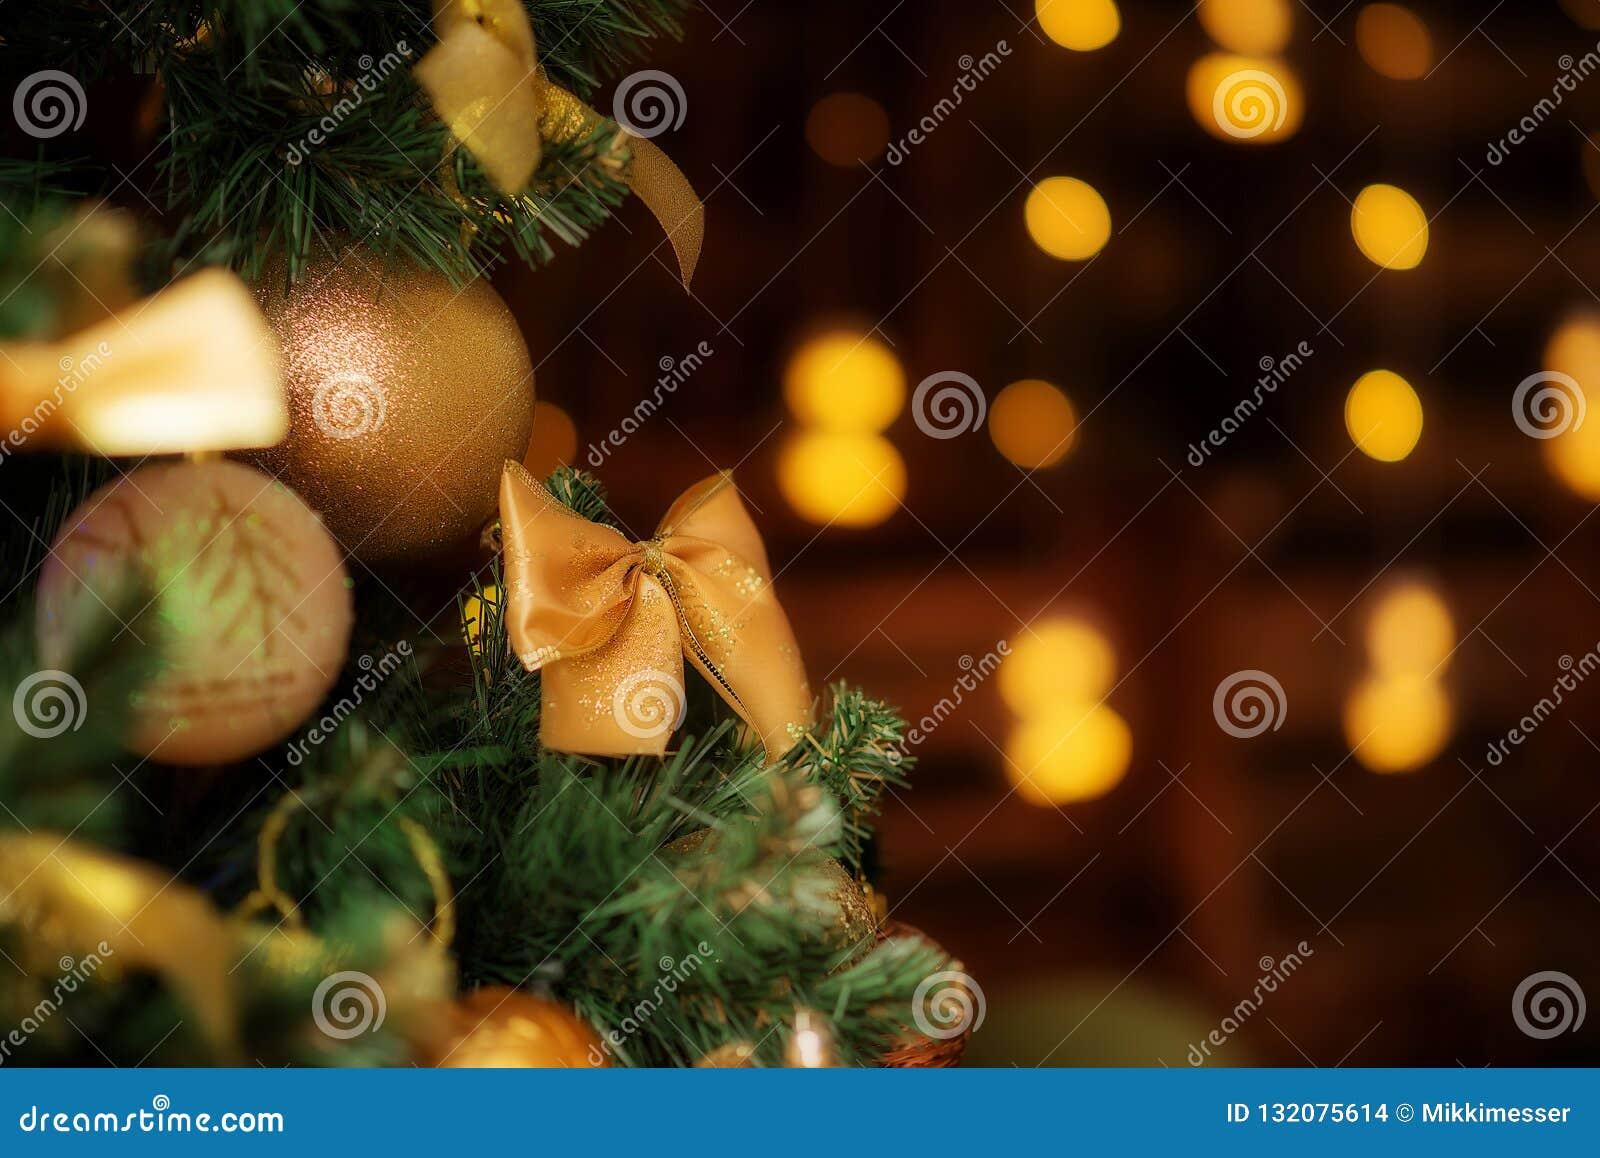 Kerstboomclose-up met decoratie: gouden boog en ballen Vage lichten op de achtergrond Zaal voor exemplaartekst